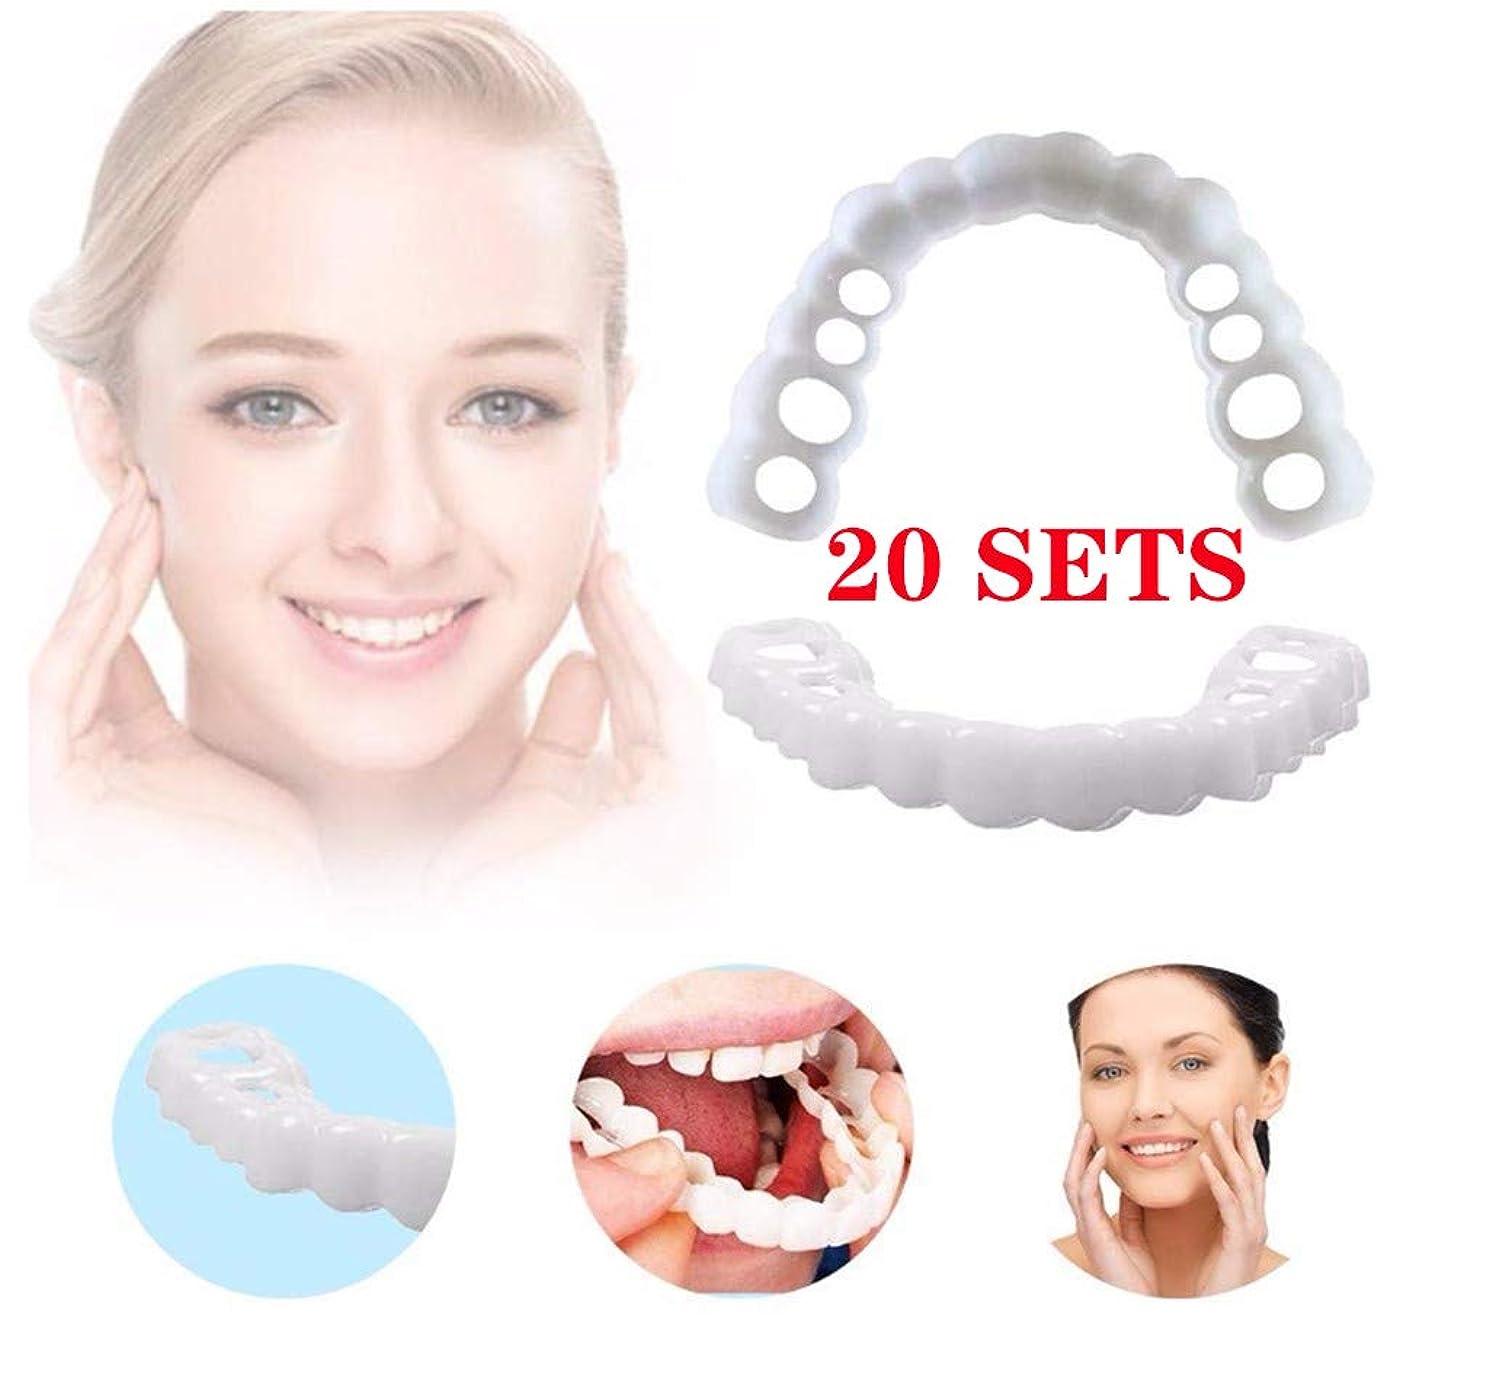 ボードつまらない組み合わせセットの第二世代のシリコーンのシミュレーションの義歯を白くする上部の下の歯の模擬装具,15SETS